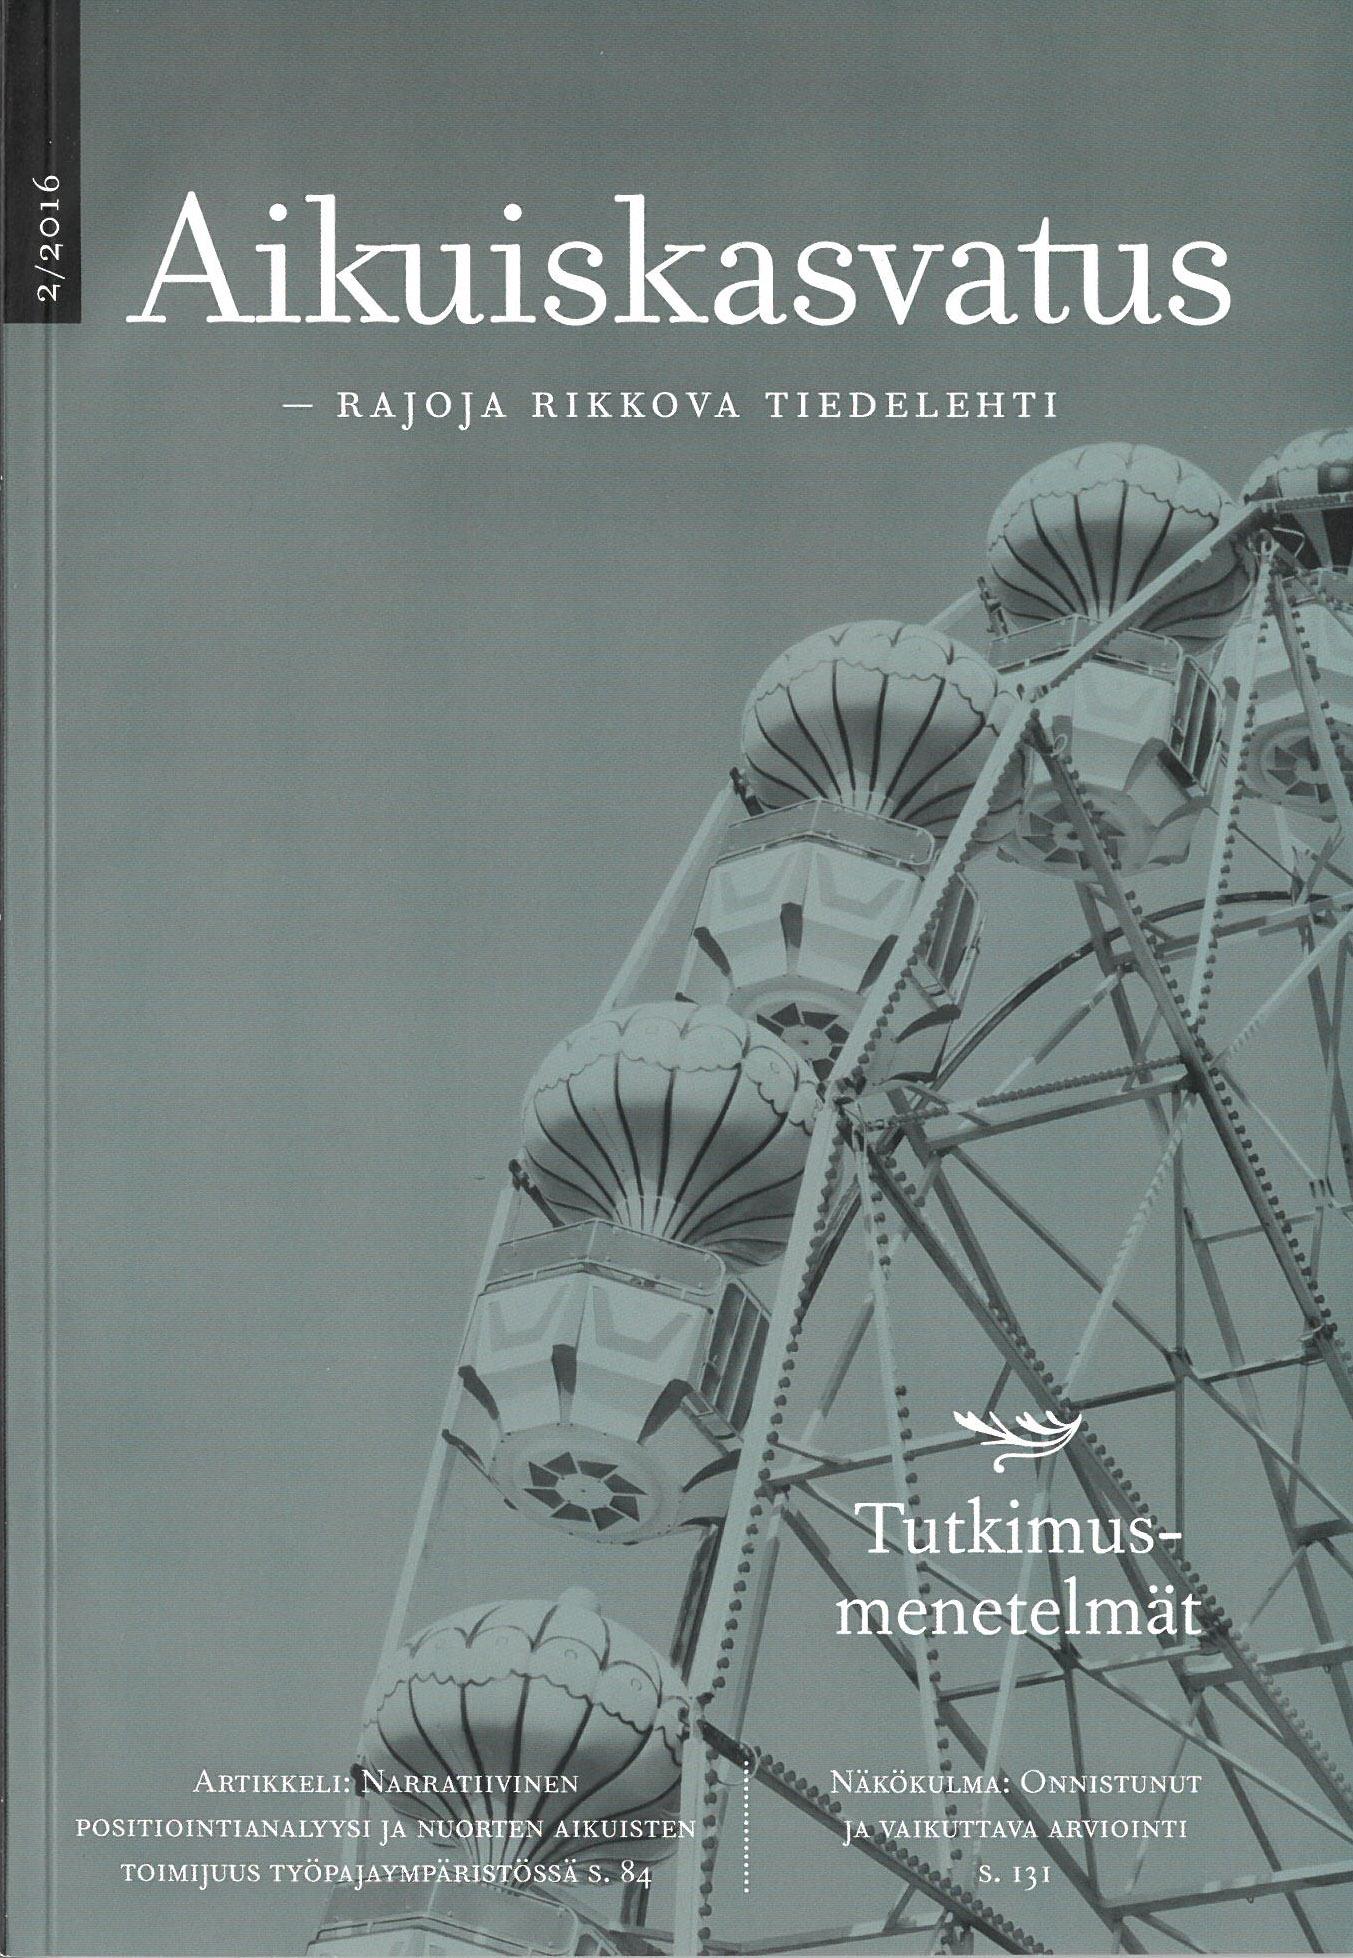 Kansi Aikuiskasvatus 2/2016, rajoja rikkova tiedelehti. Teemana tutkimusmenetelmät.